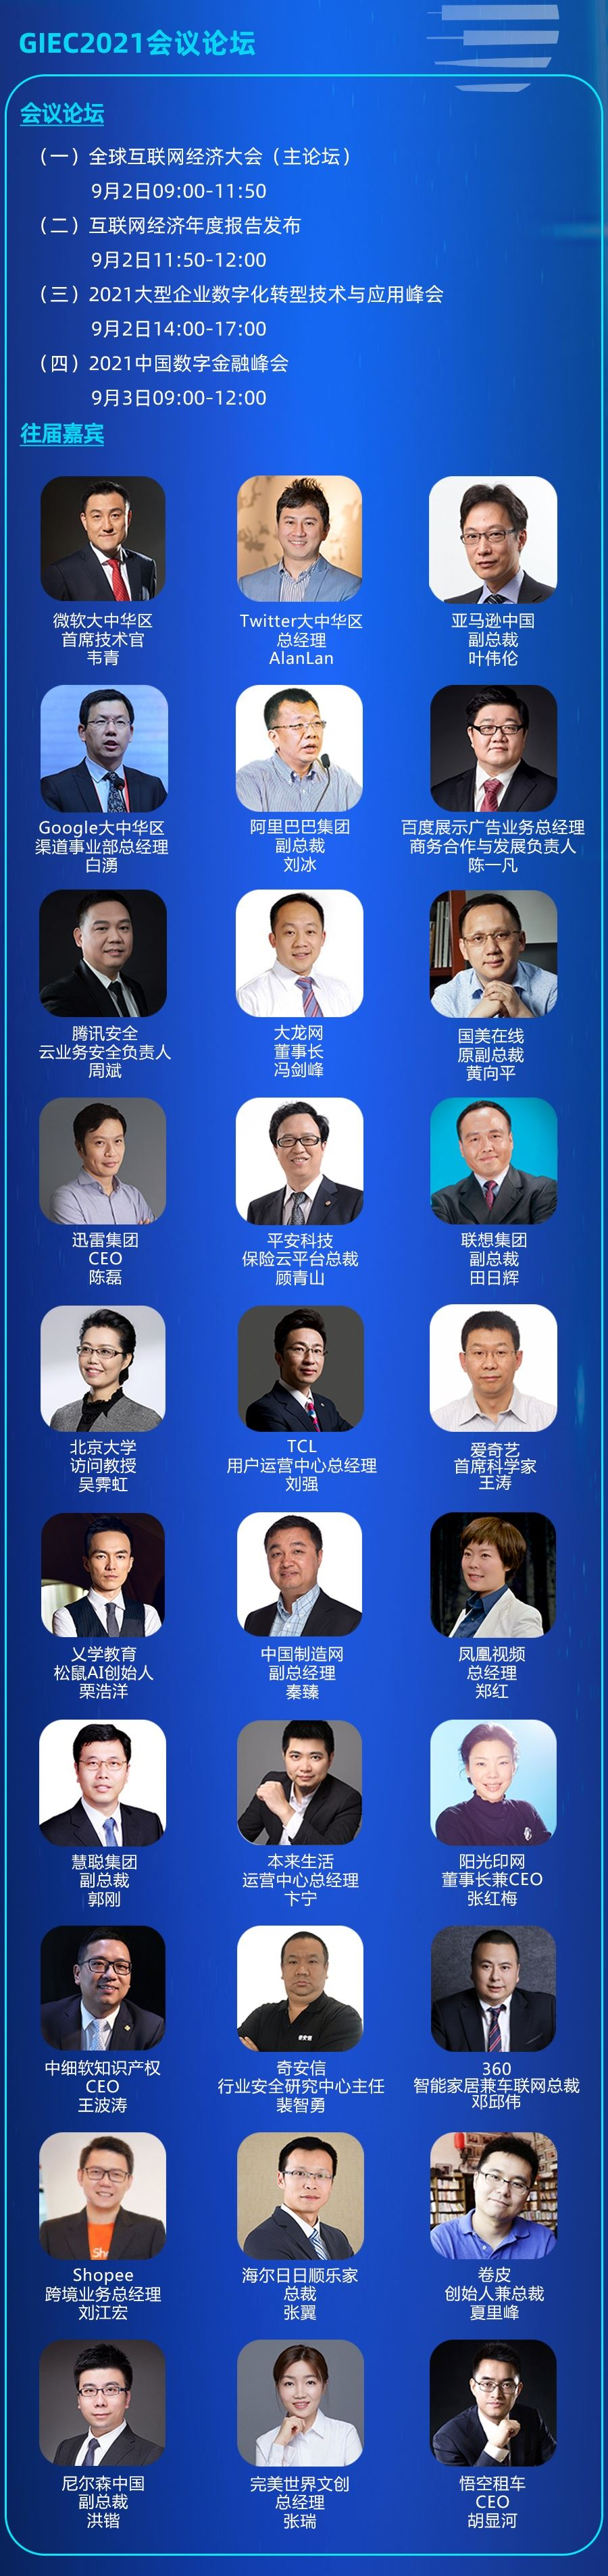 2021第七届全球互联网经济大会3.jpg